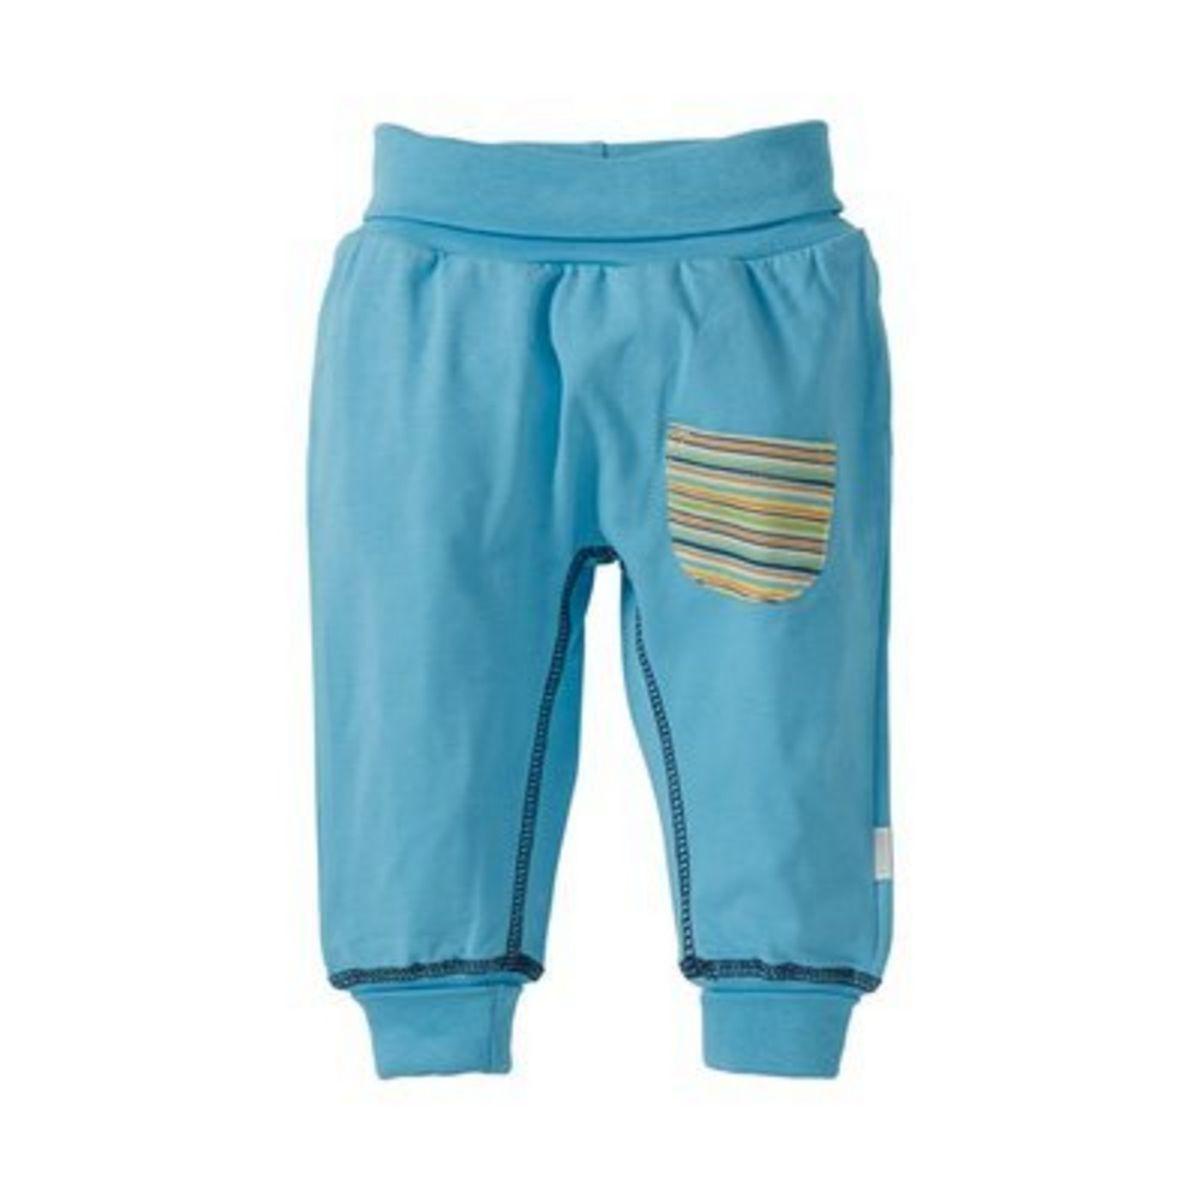 Fixoni le pantalon à taille souple pantalon bébé Fixoni | La